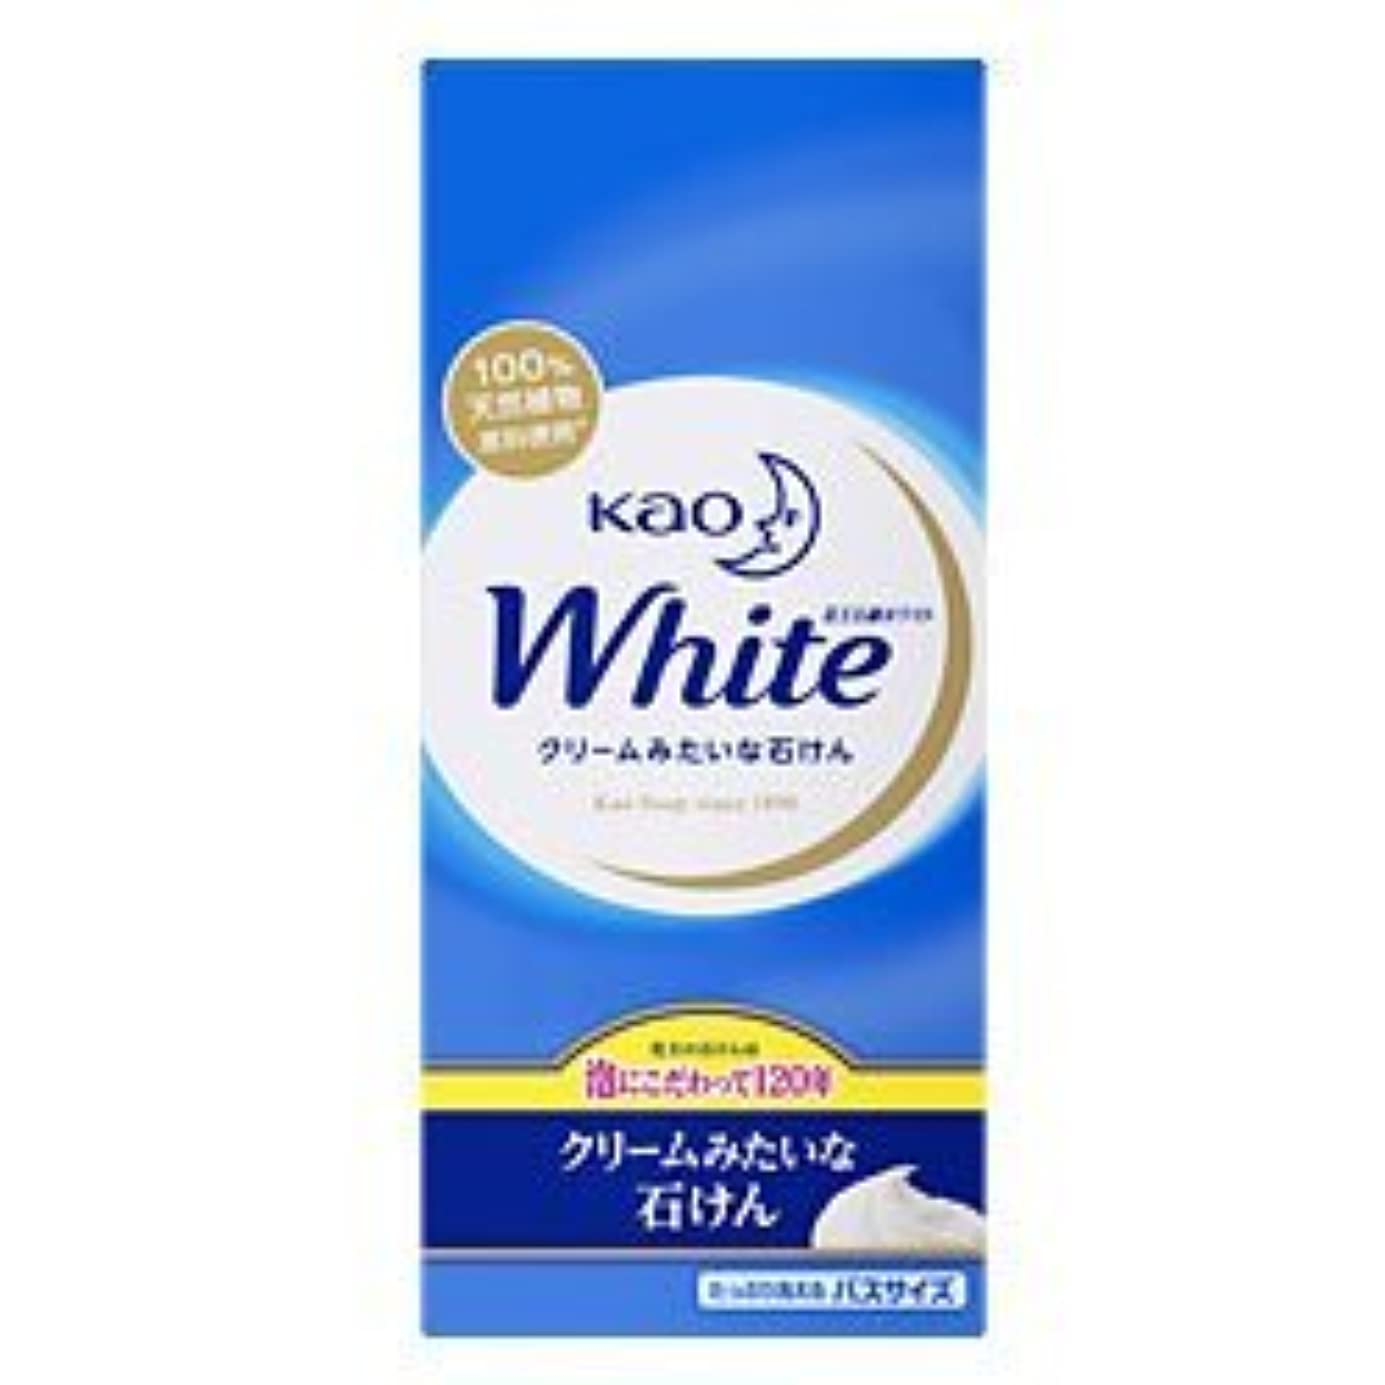 回る夜間アーサーコナンドイル【花王】花王ホワイト バスサイズ 130g×6個 ×5個セット